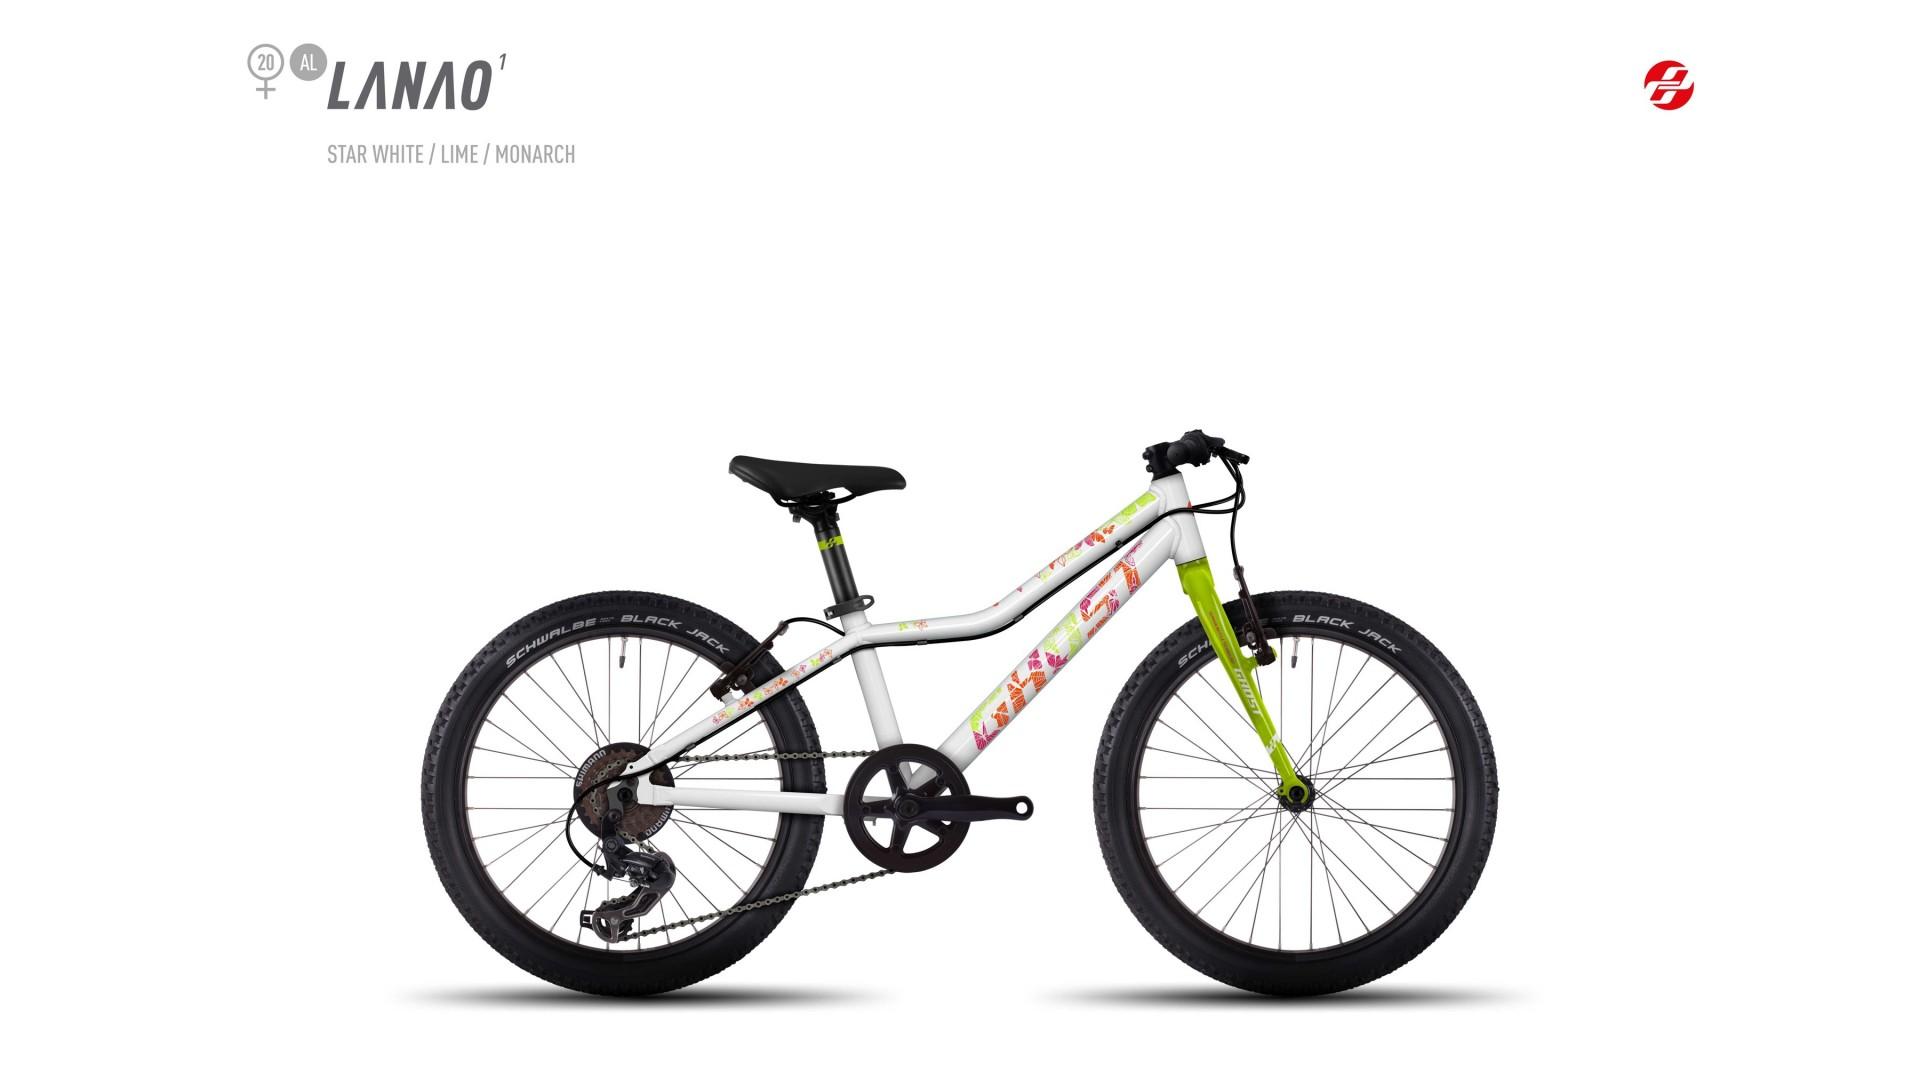 Велосипед GHOST Lanao 1 AL 20 starwhite/limegreen/monarchorange год 2017